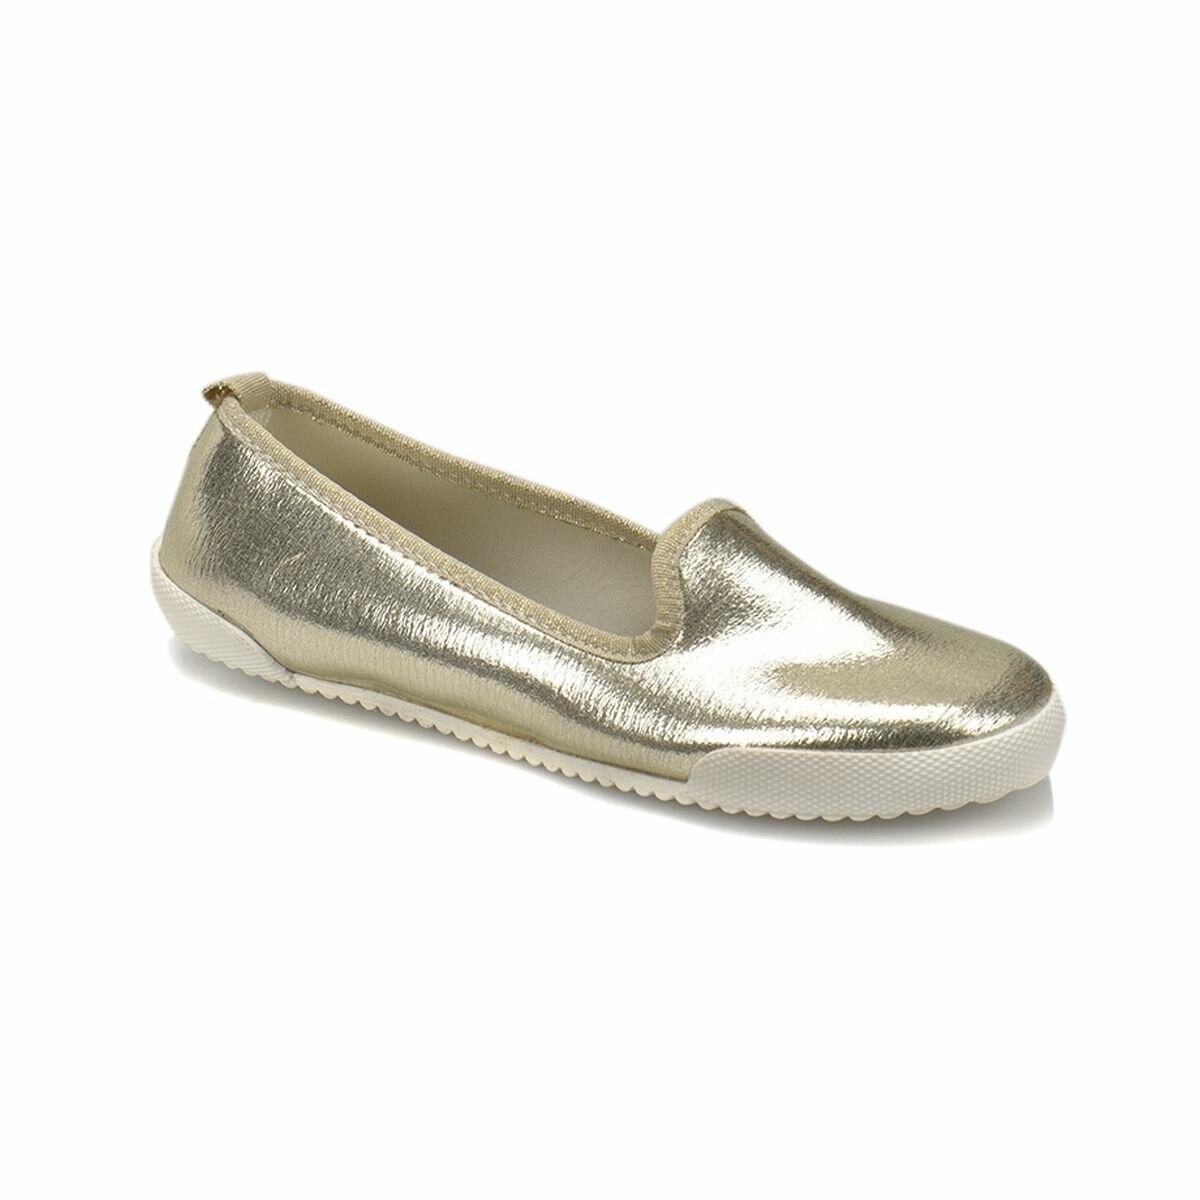 FLO Gold Women Slipper Woman Summer Beach Slides Flip Flops Outdoor Flat Slipper Women Slip On Shoes Art Bella CS18091